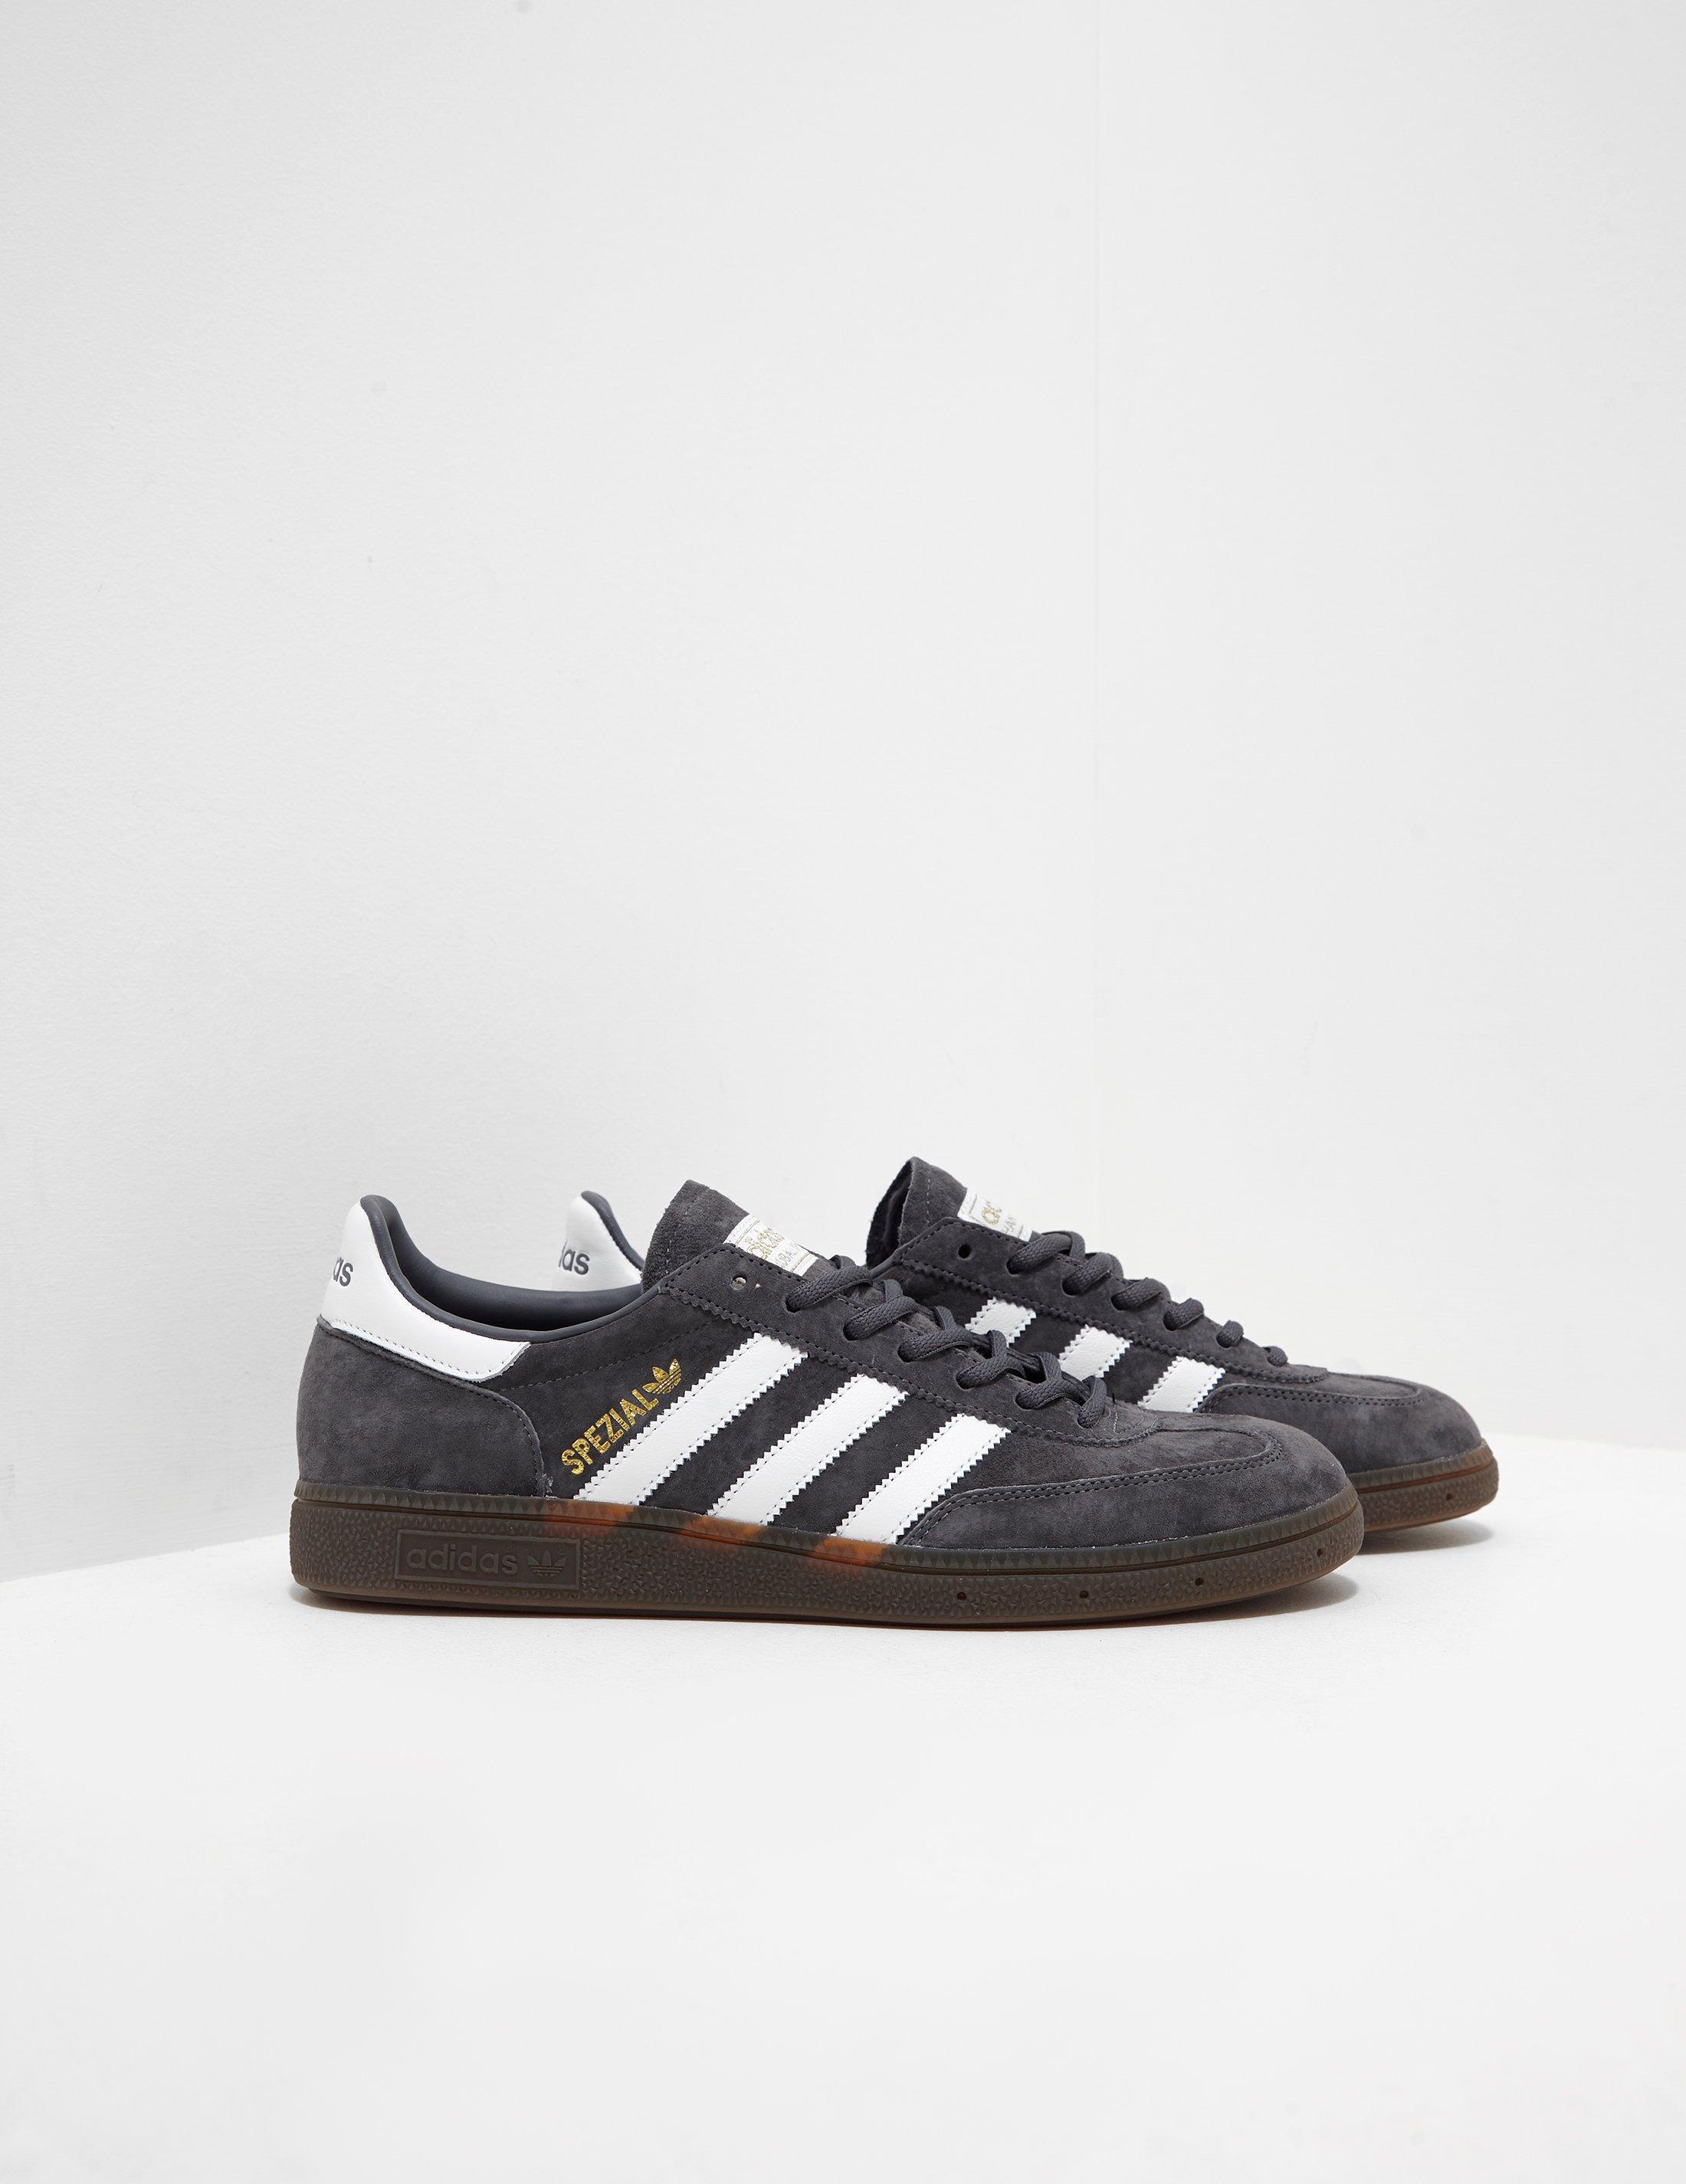 26aa3c6d739e Adidas Originals Mens Handball Spezial Grey in Gray for Men - Lyst